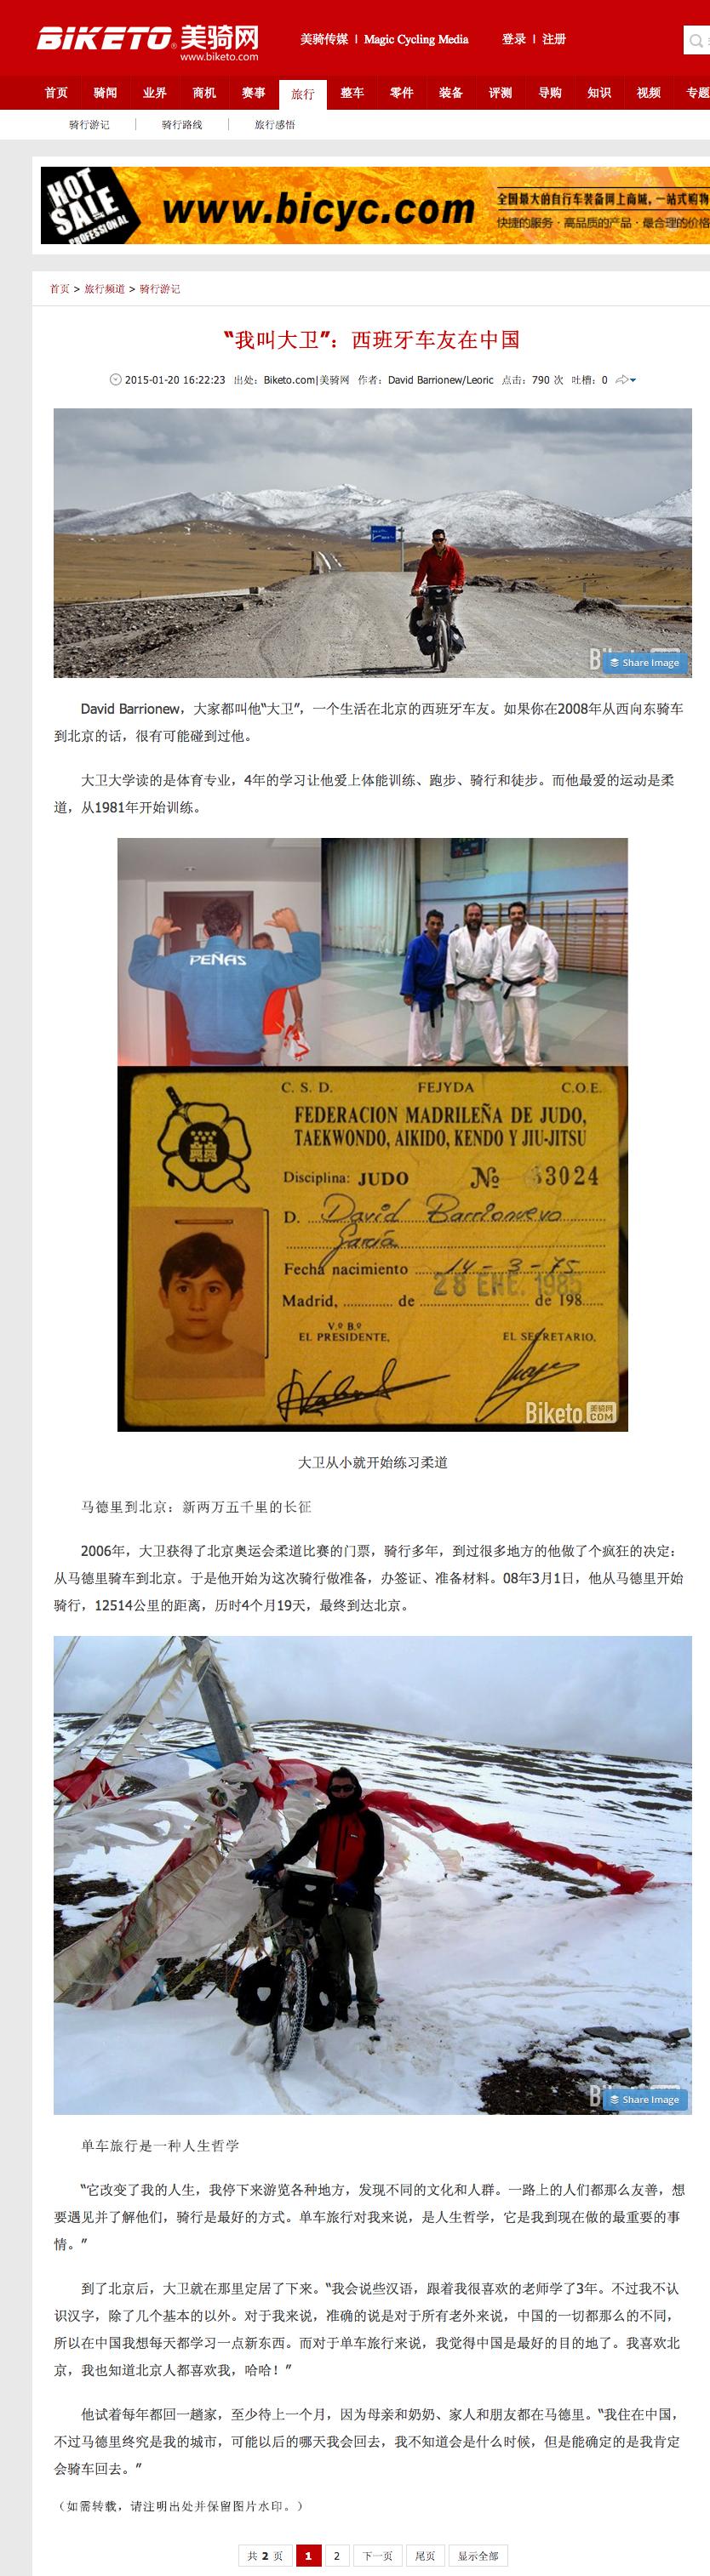 """1""""我叫大卫"""":西班牙车友在中国   BIKETO自行车网"""